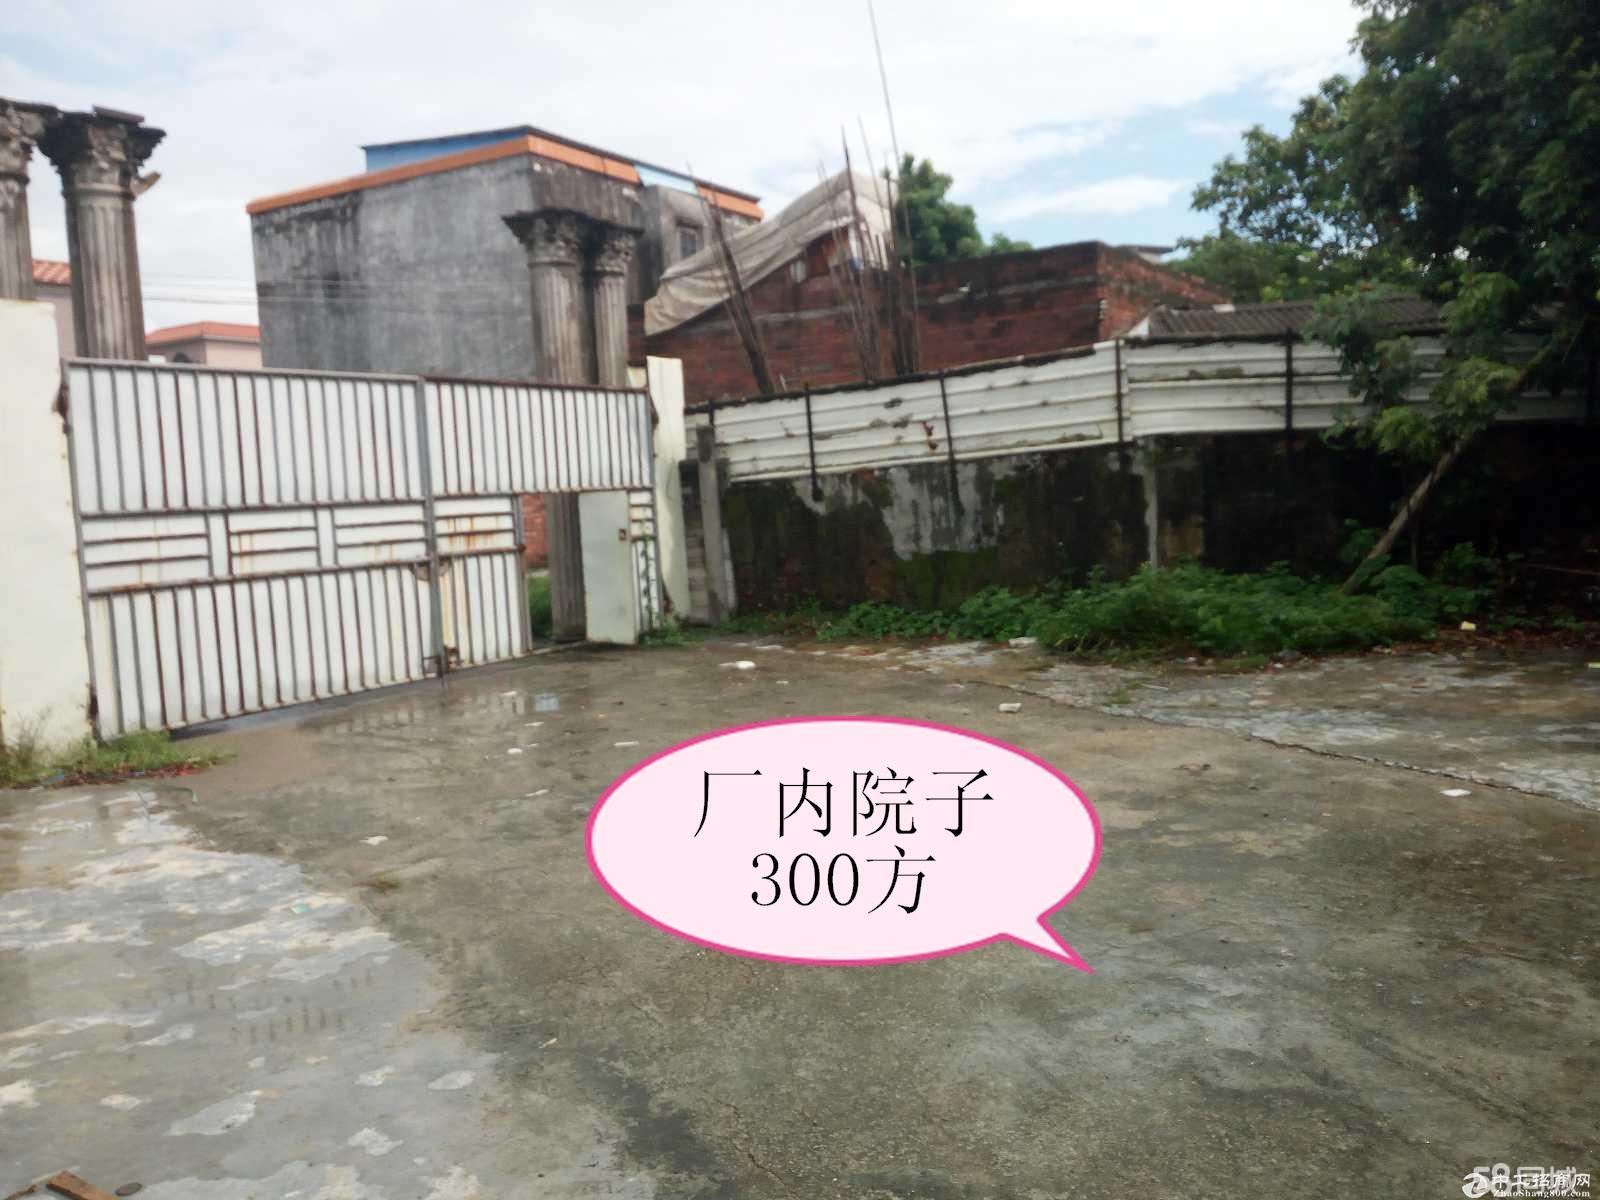 出租港口大南一楼厂房 仓库有300方的院子厂600方马路宽大-图4